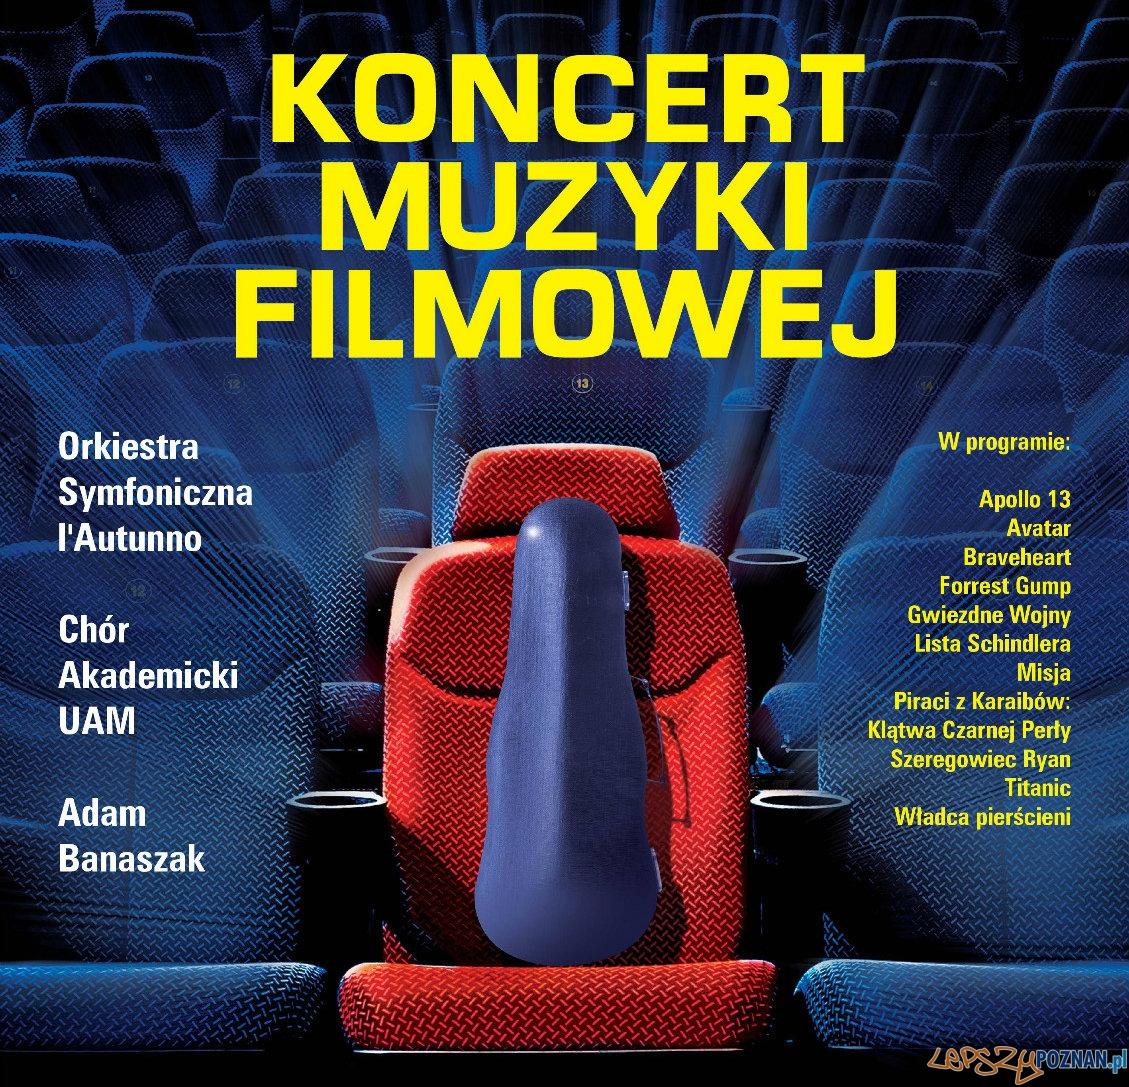 Koncert Muzyki Filmowej  Foto: Koncert Muzyki Filmowej